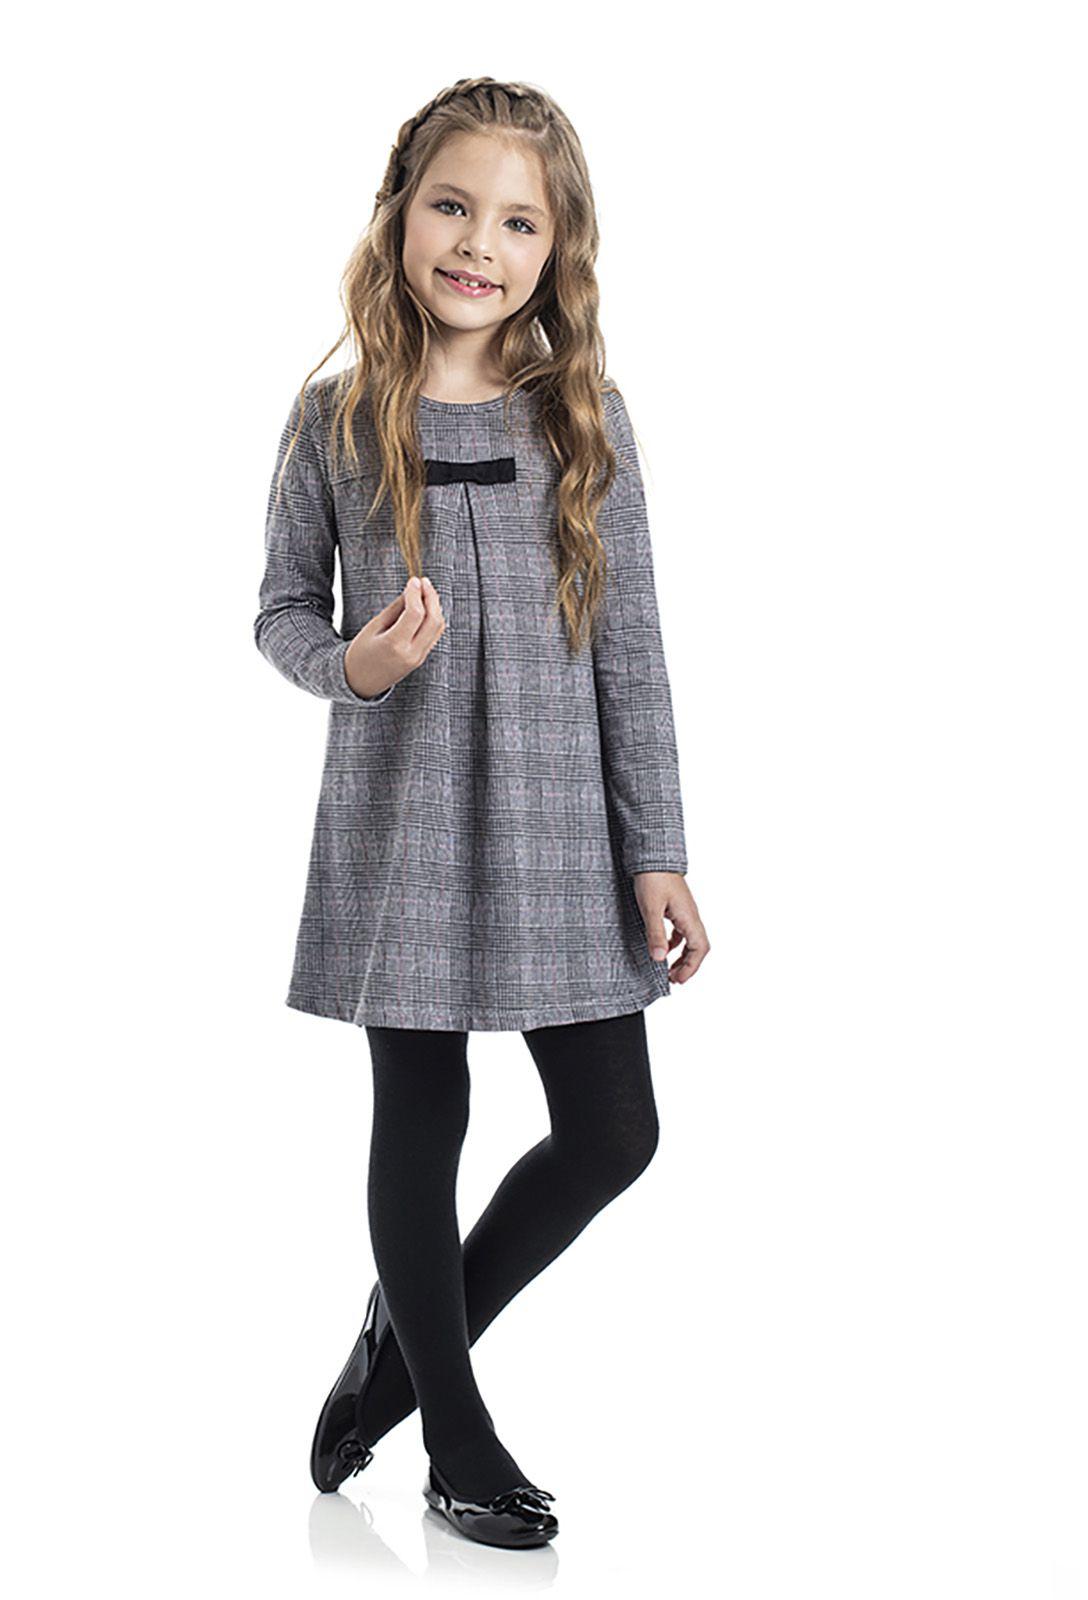 Vestido Infantil Cotton com Meia Calça TMX  Príncipe de Gales